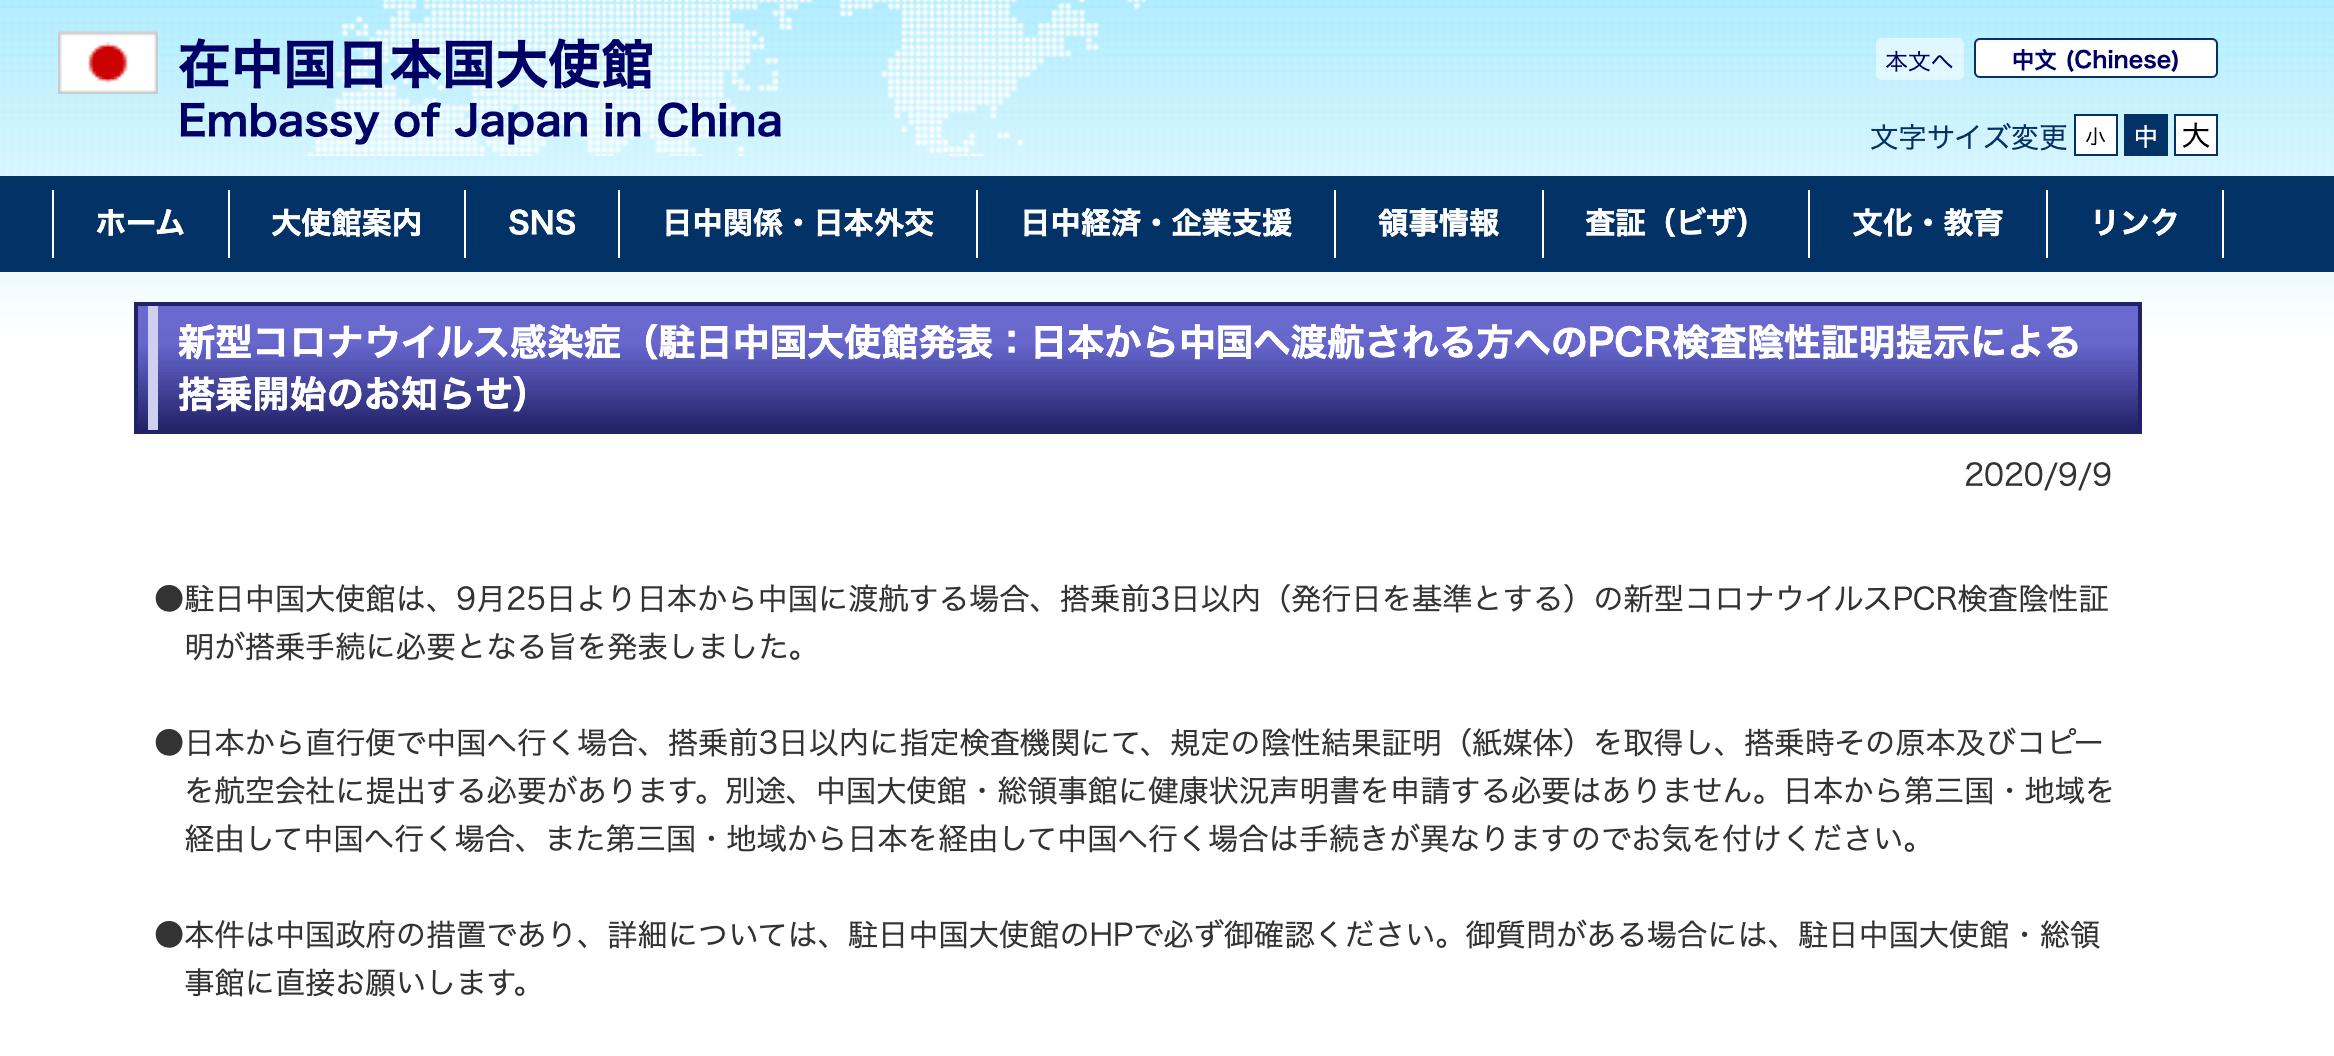 (9/12 追記)【速報】9月25日より中国への渡航者は搭乗前3日以内のPCR検査陰性証明書が必要に